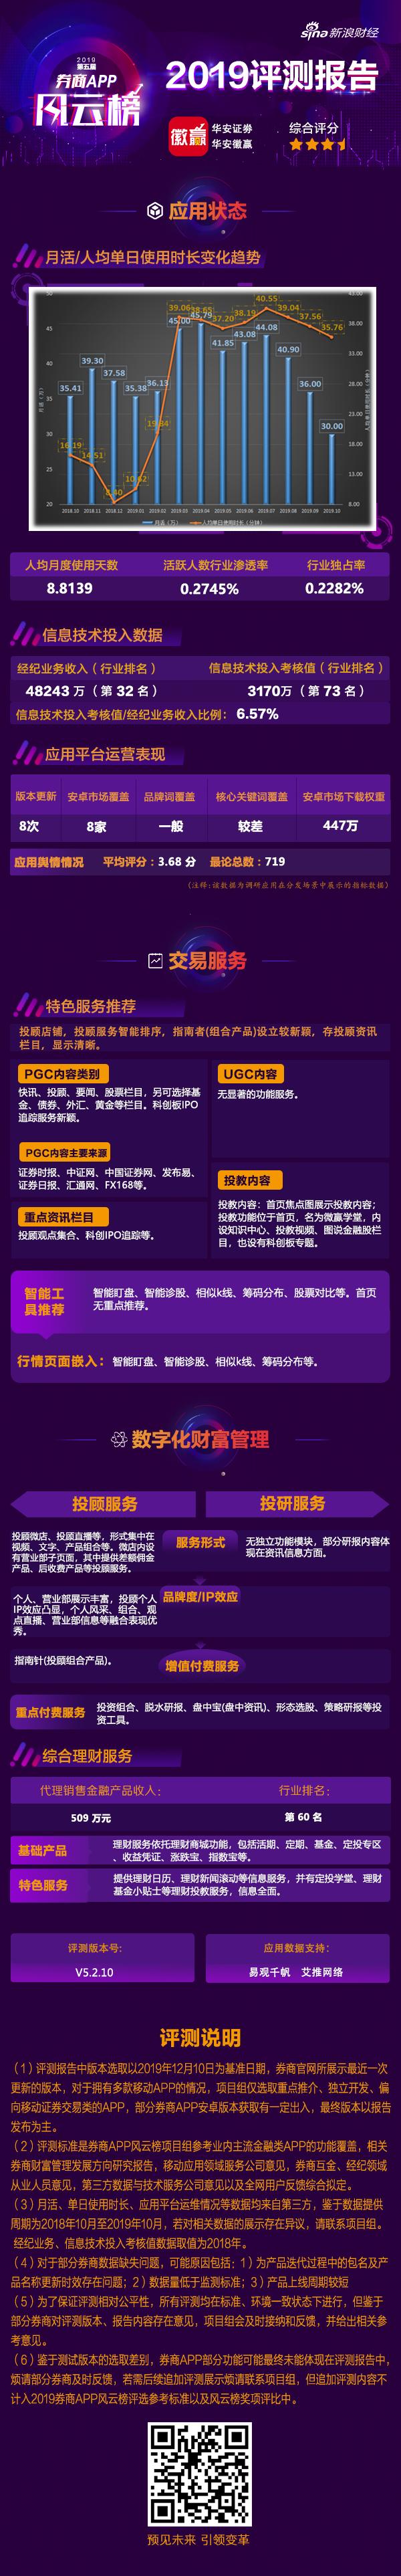 """复星国际郭广昌谈高层变阵:不存在""""退居二线""""问题"""